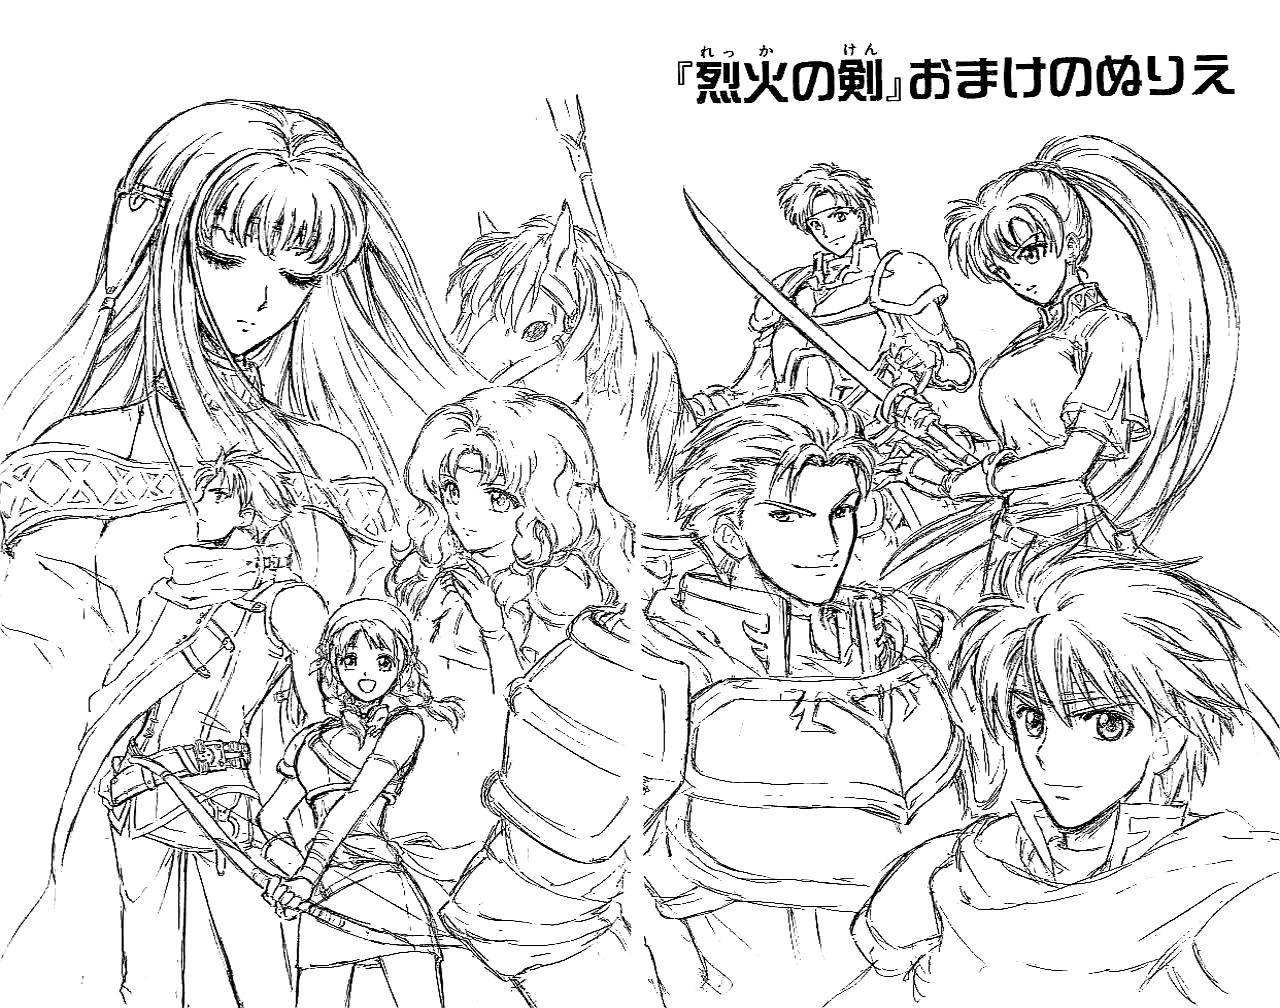 Fire Emblem - Hasha no Tsurugi chap 020 trang 42